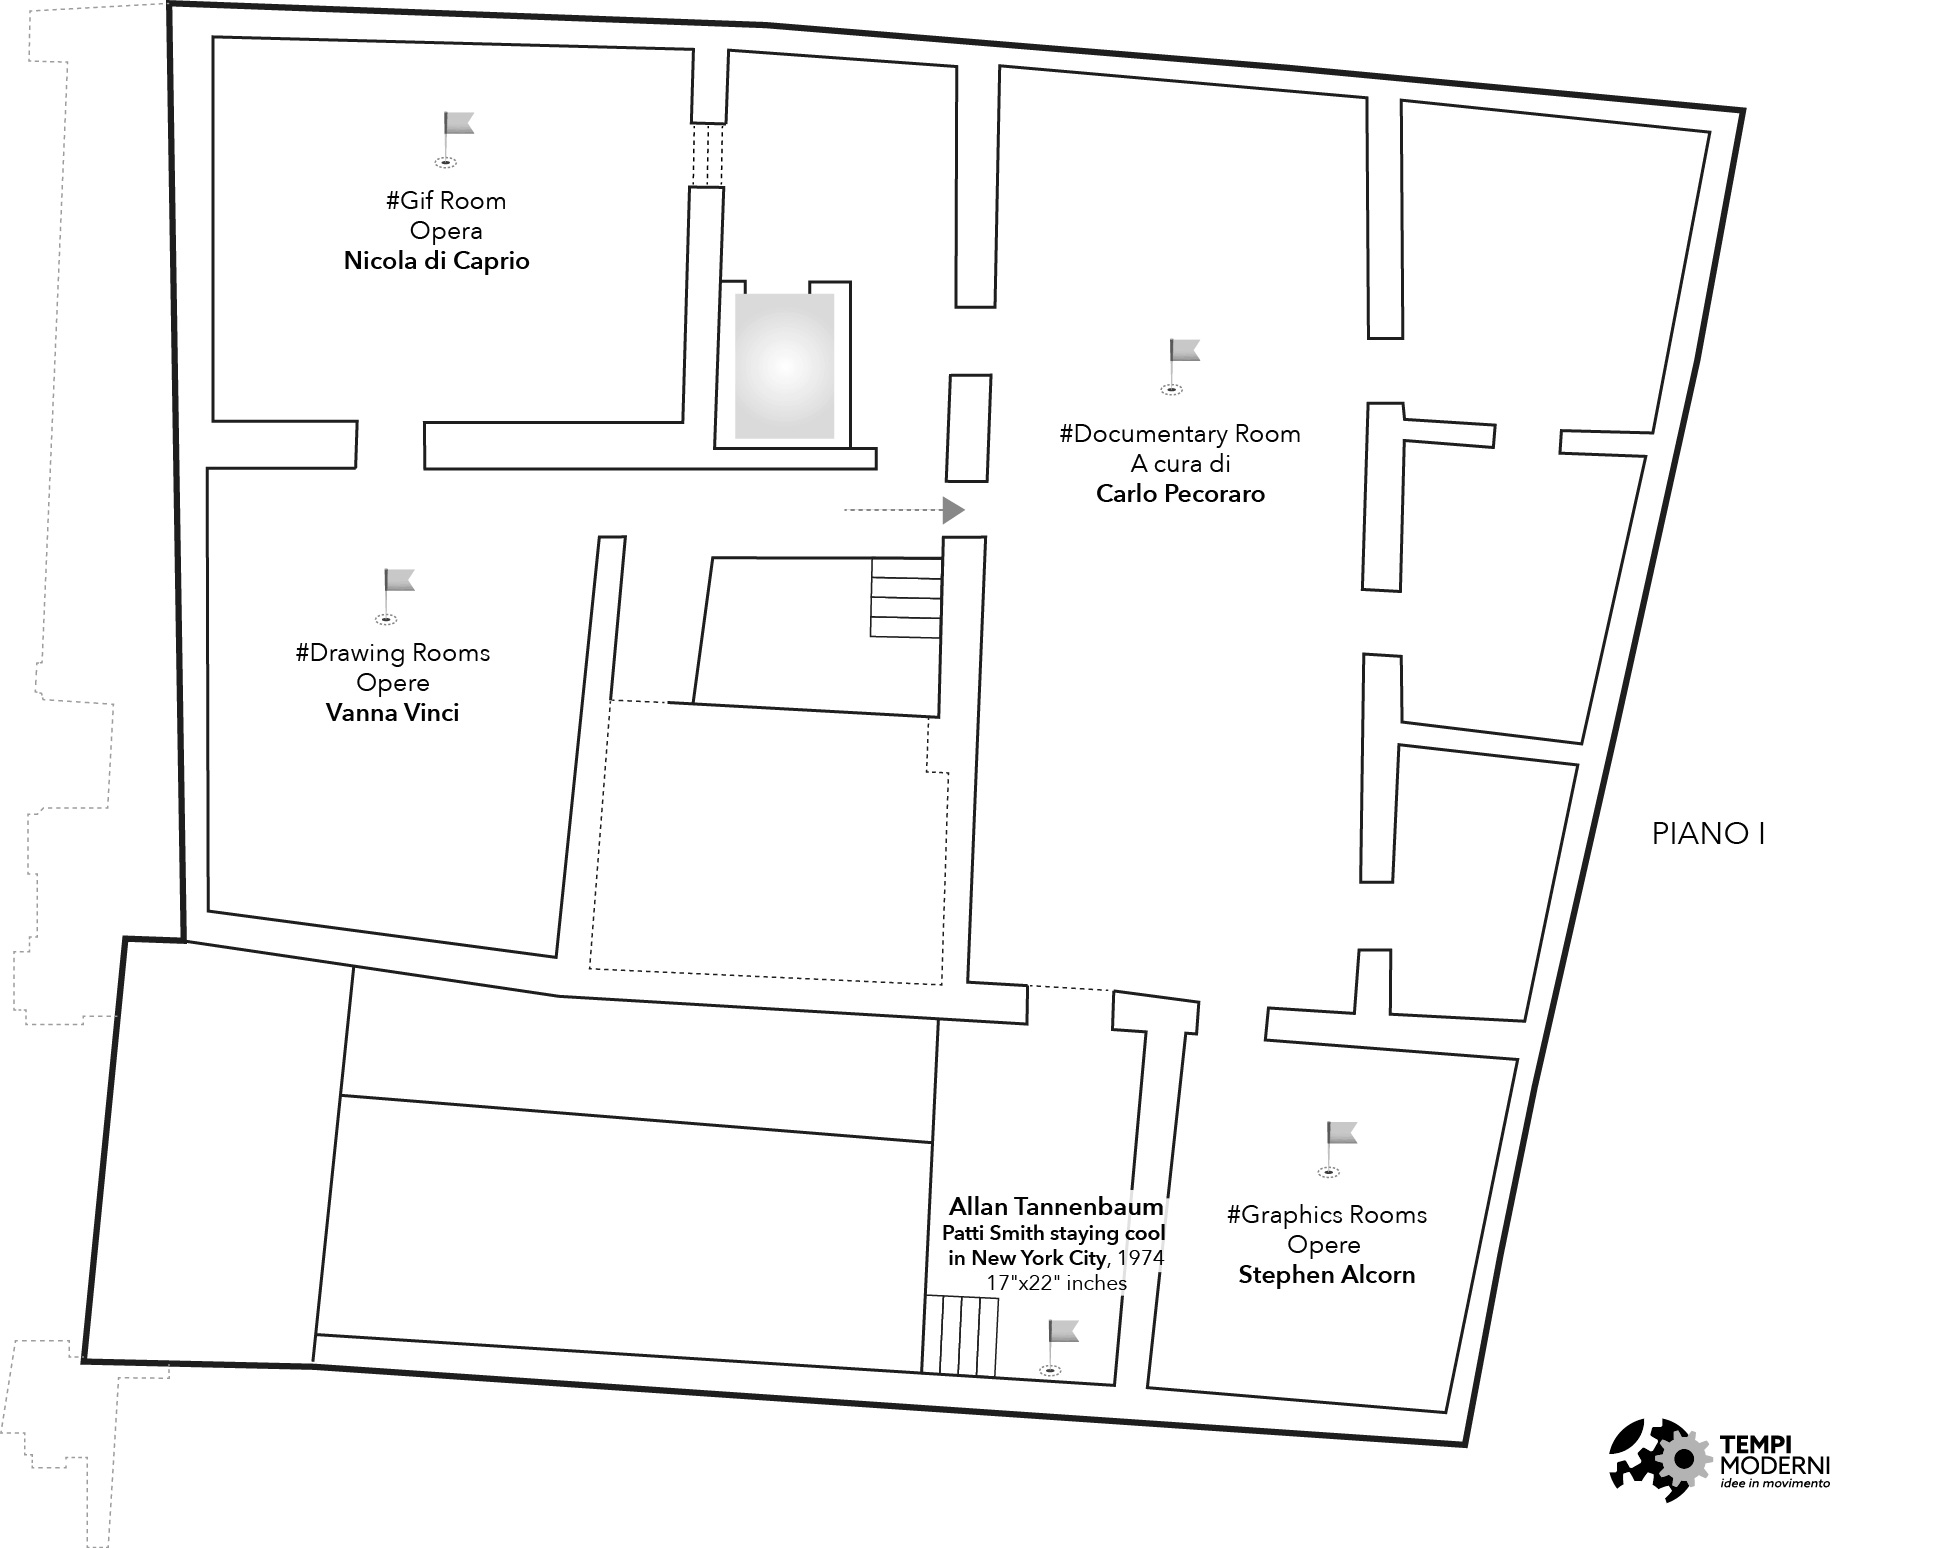 Mappa del piano primo di Palazzo Fruscione a Salerno